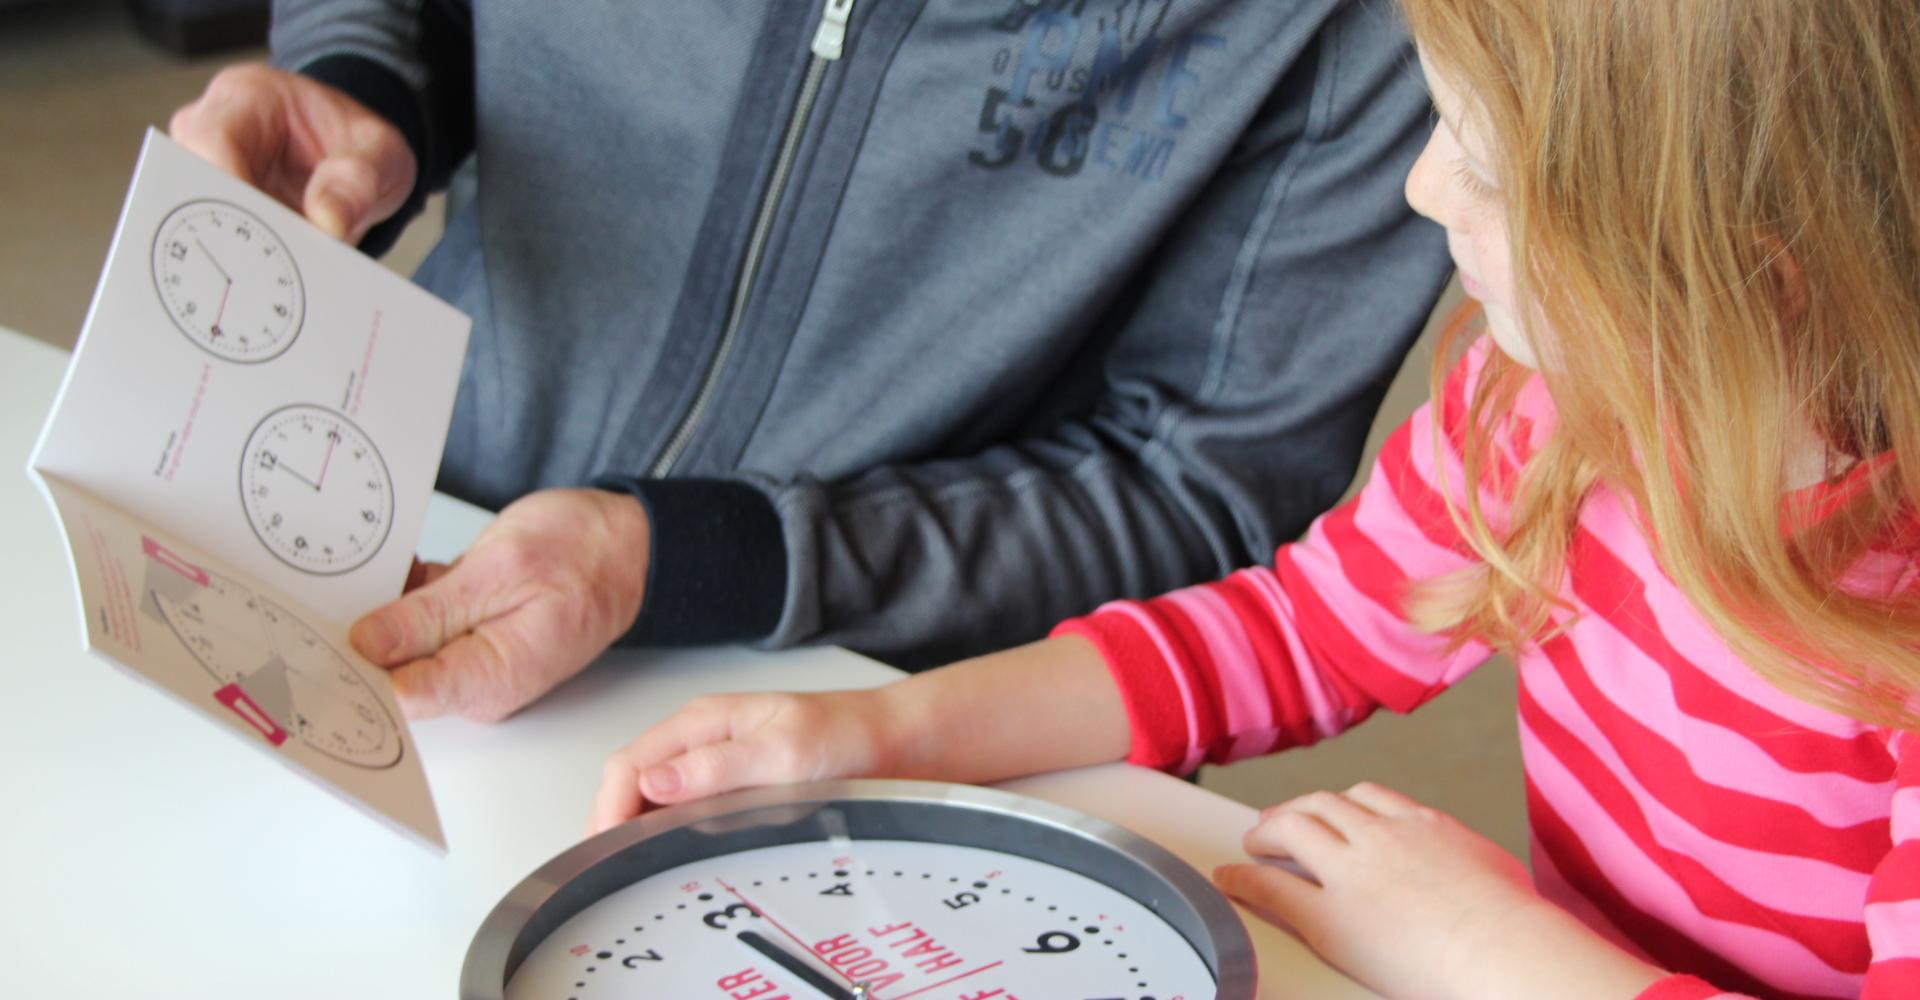 Leren klokkijken kindercoach